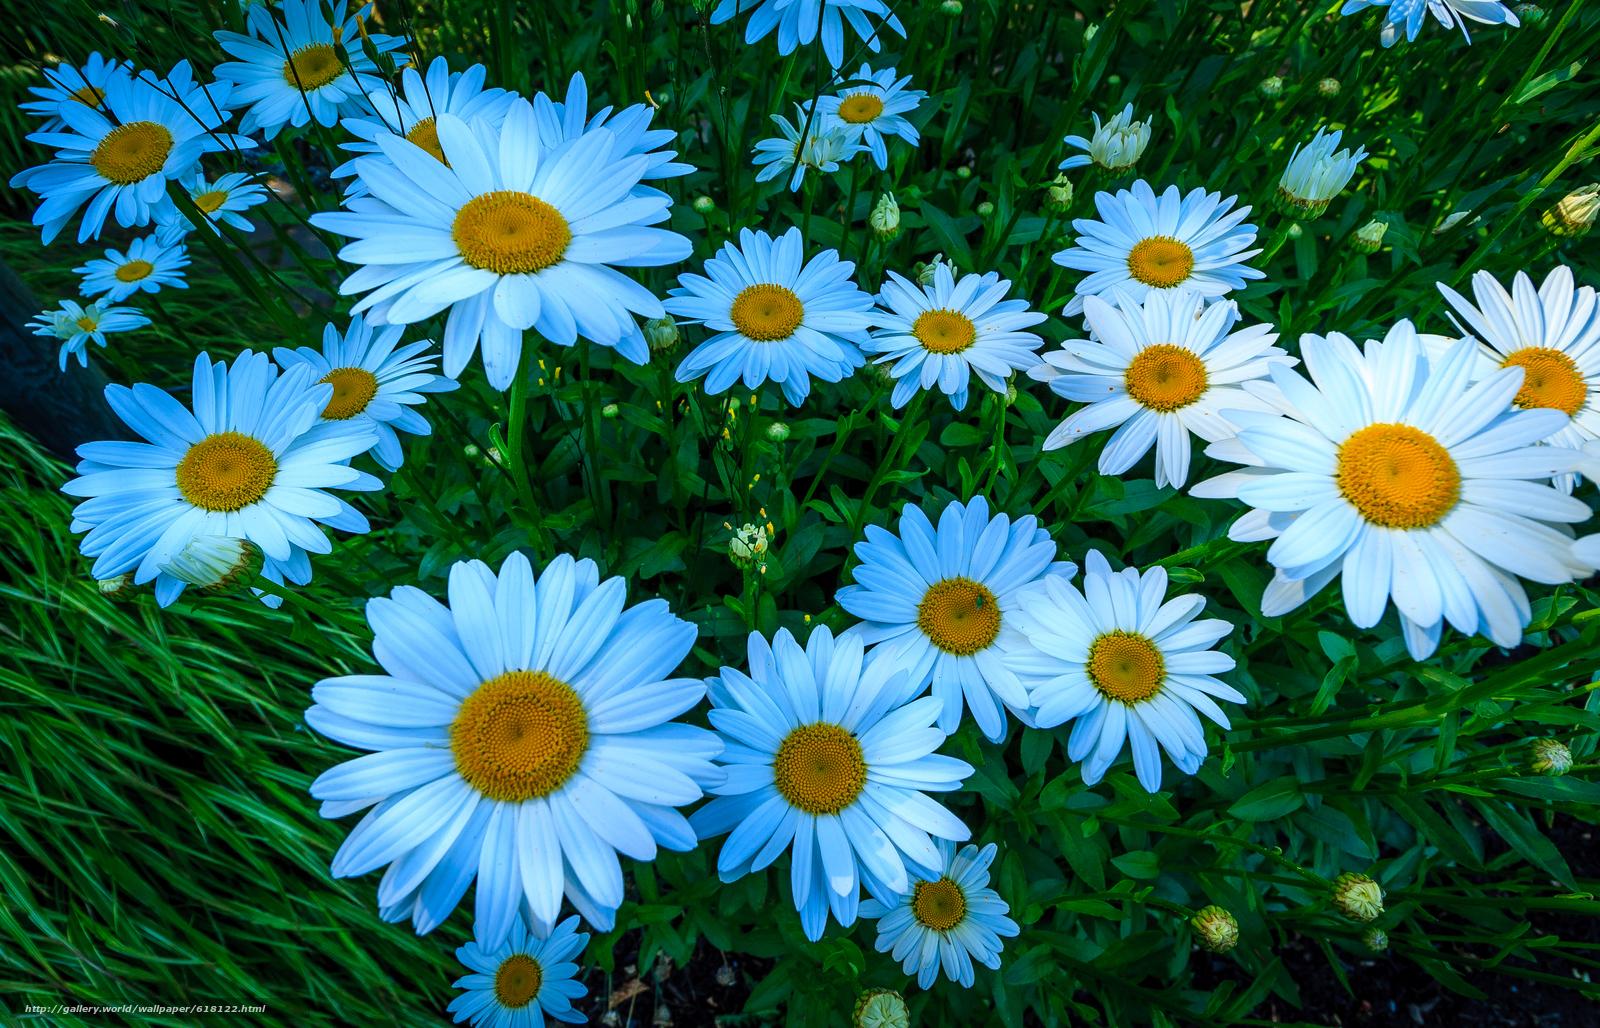 Скачать обои ромашки,  цветы,  флора бесплатно для рабочего стола в разрешении 3555x2285 — картинка №618122